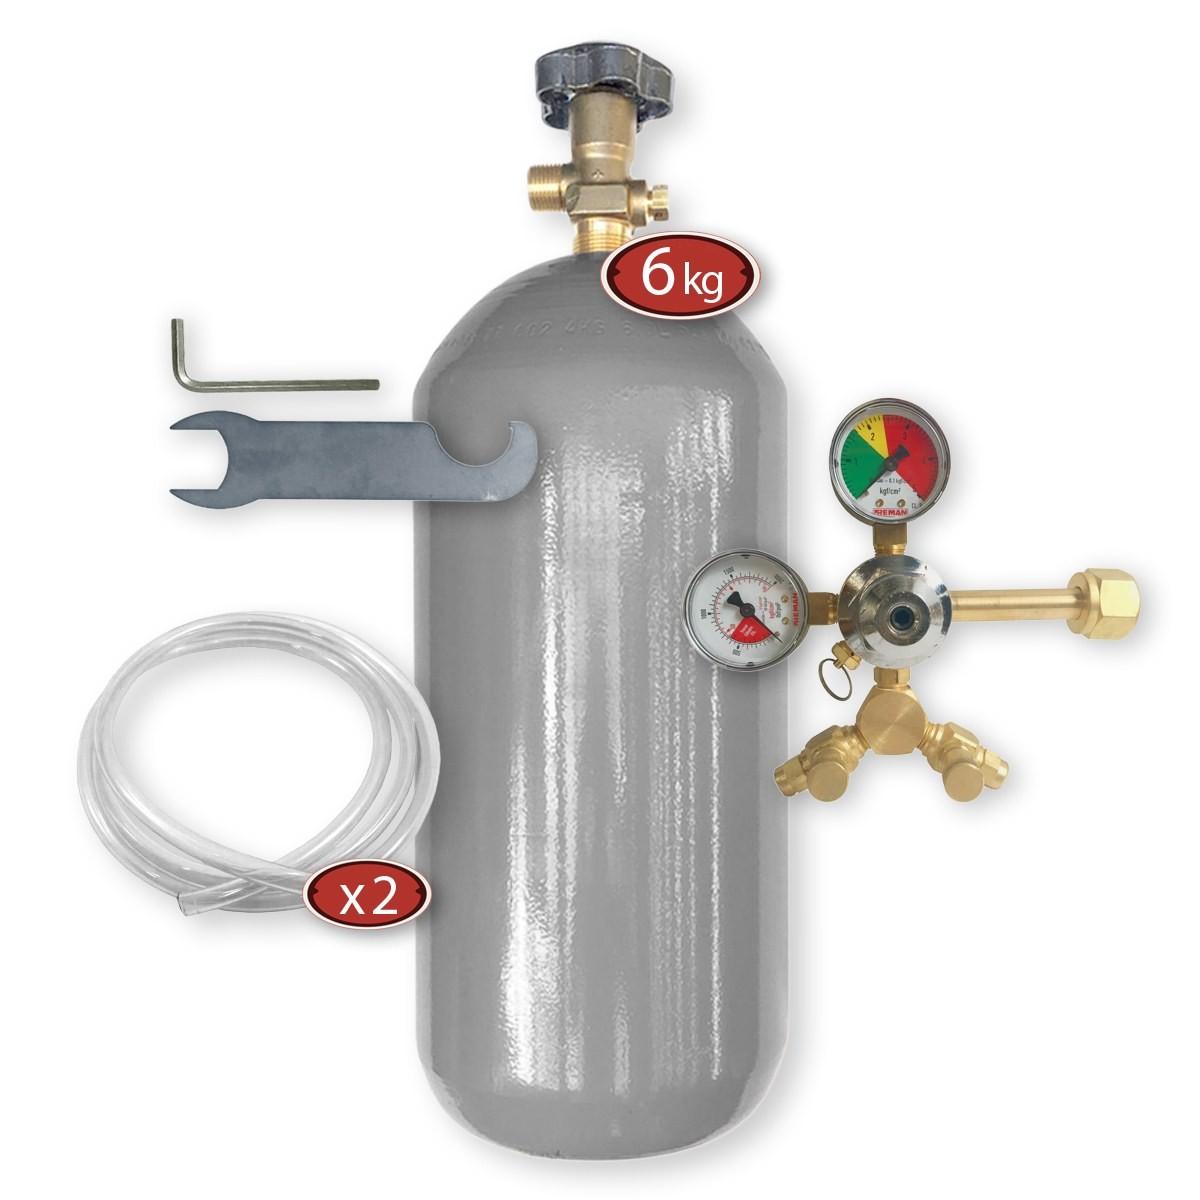 Kit Extração 2 Vias + Cilindro Co2 6Kg Para Chopp Ou Cerveja Artesanal